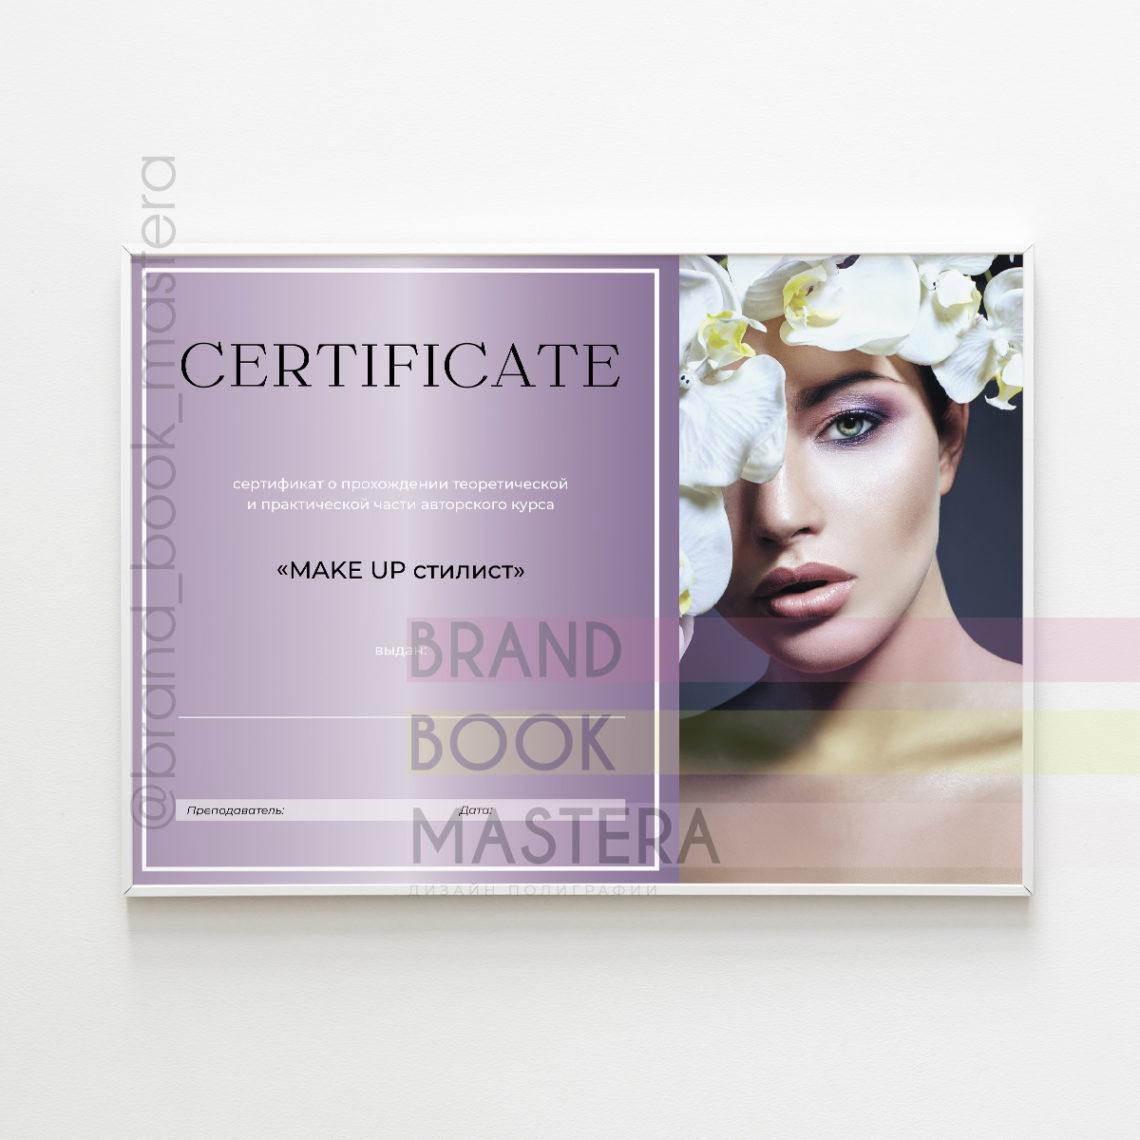 стильные сертификаты для визажиста